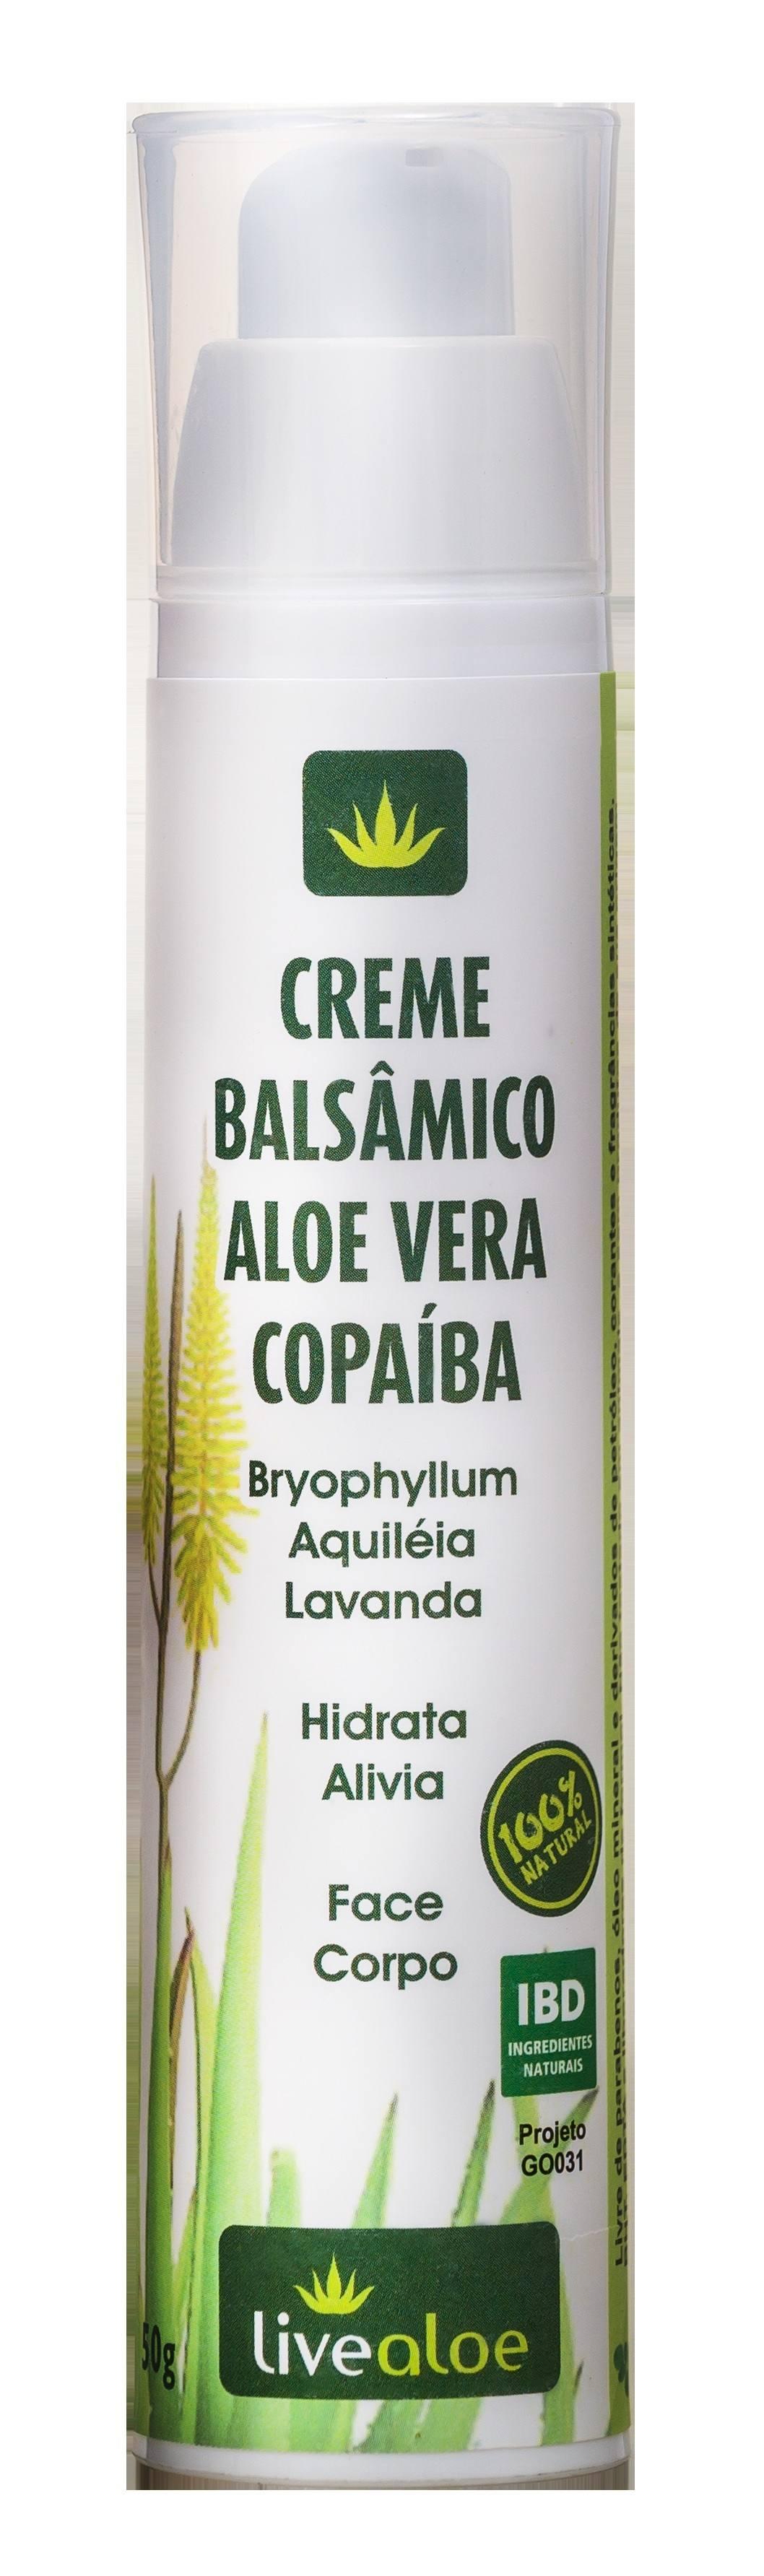 Creme Para Massagens: Balsâmico Aloe Copaíba